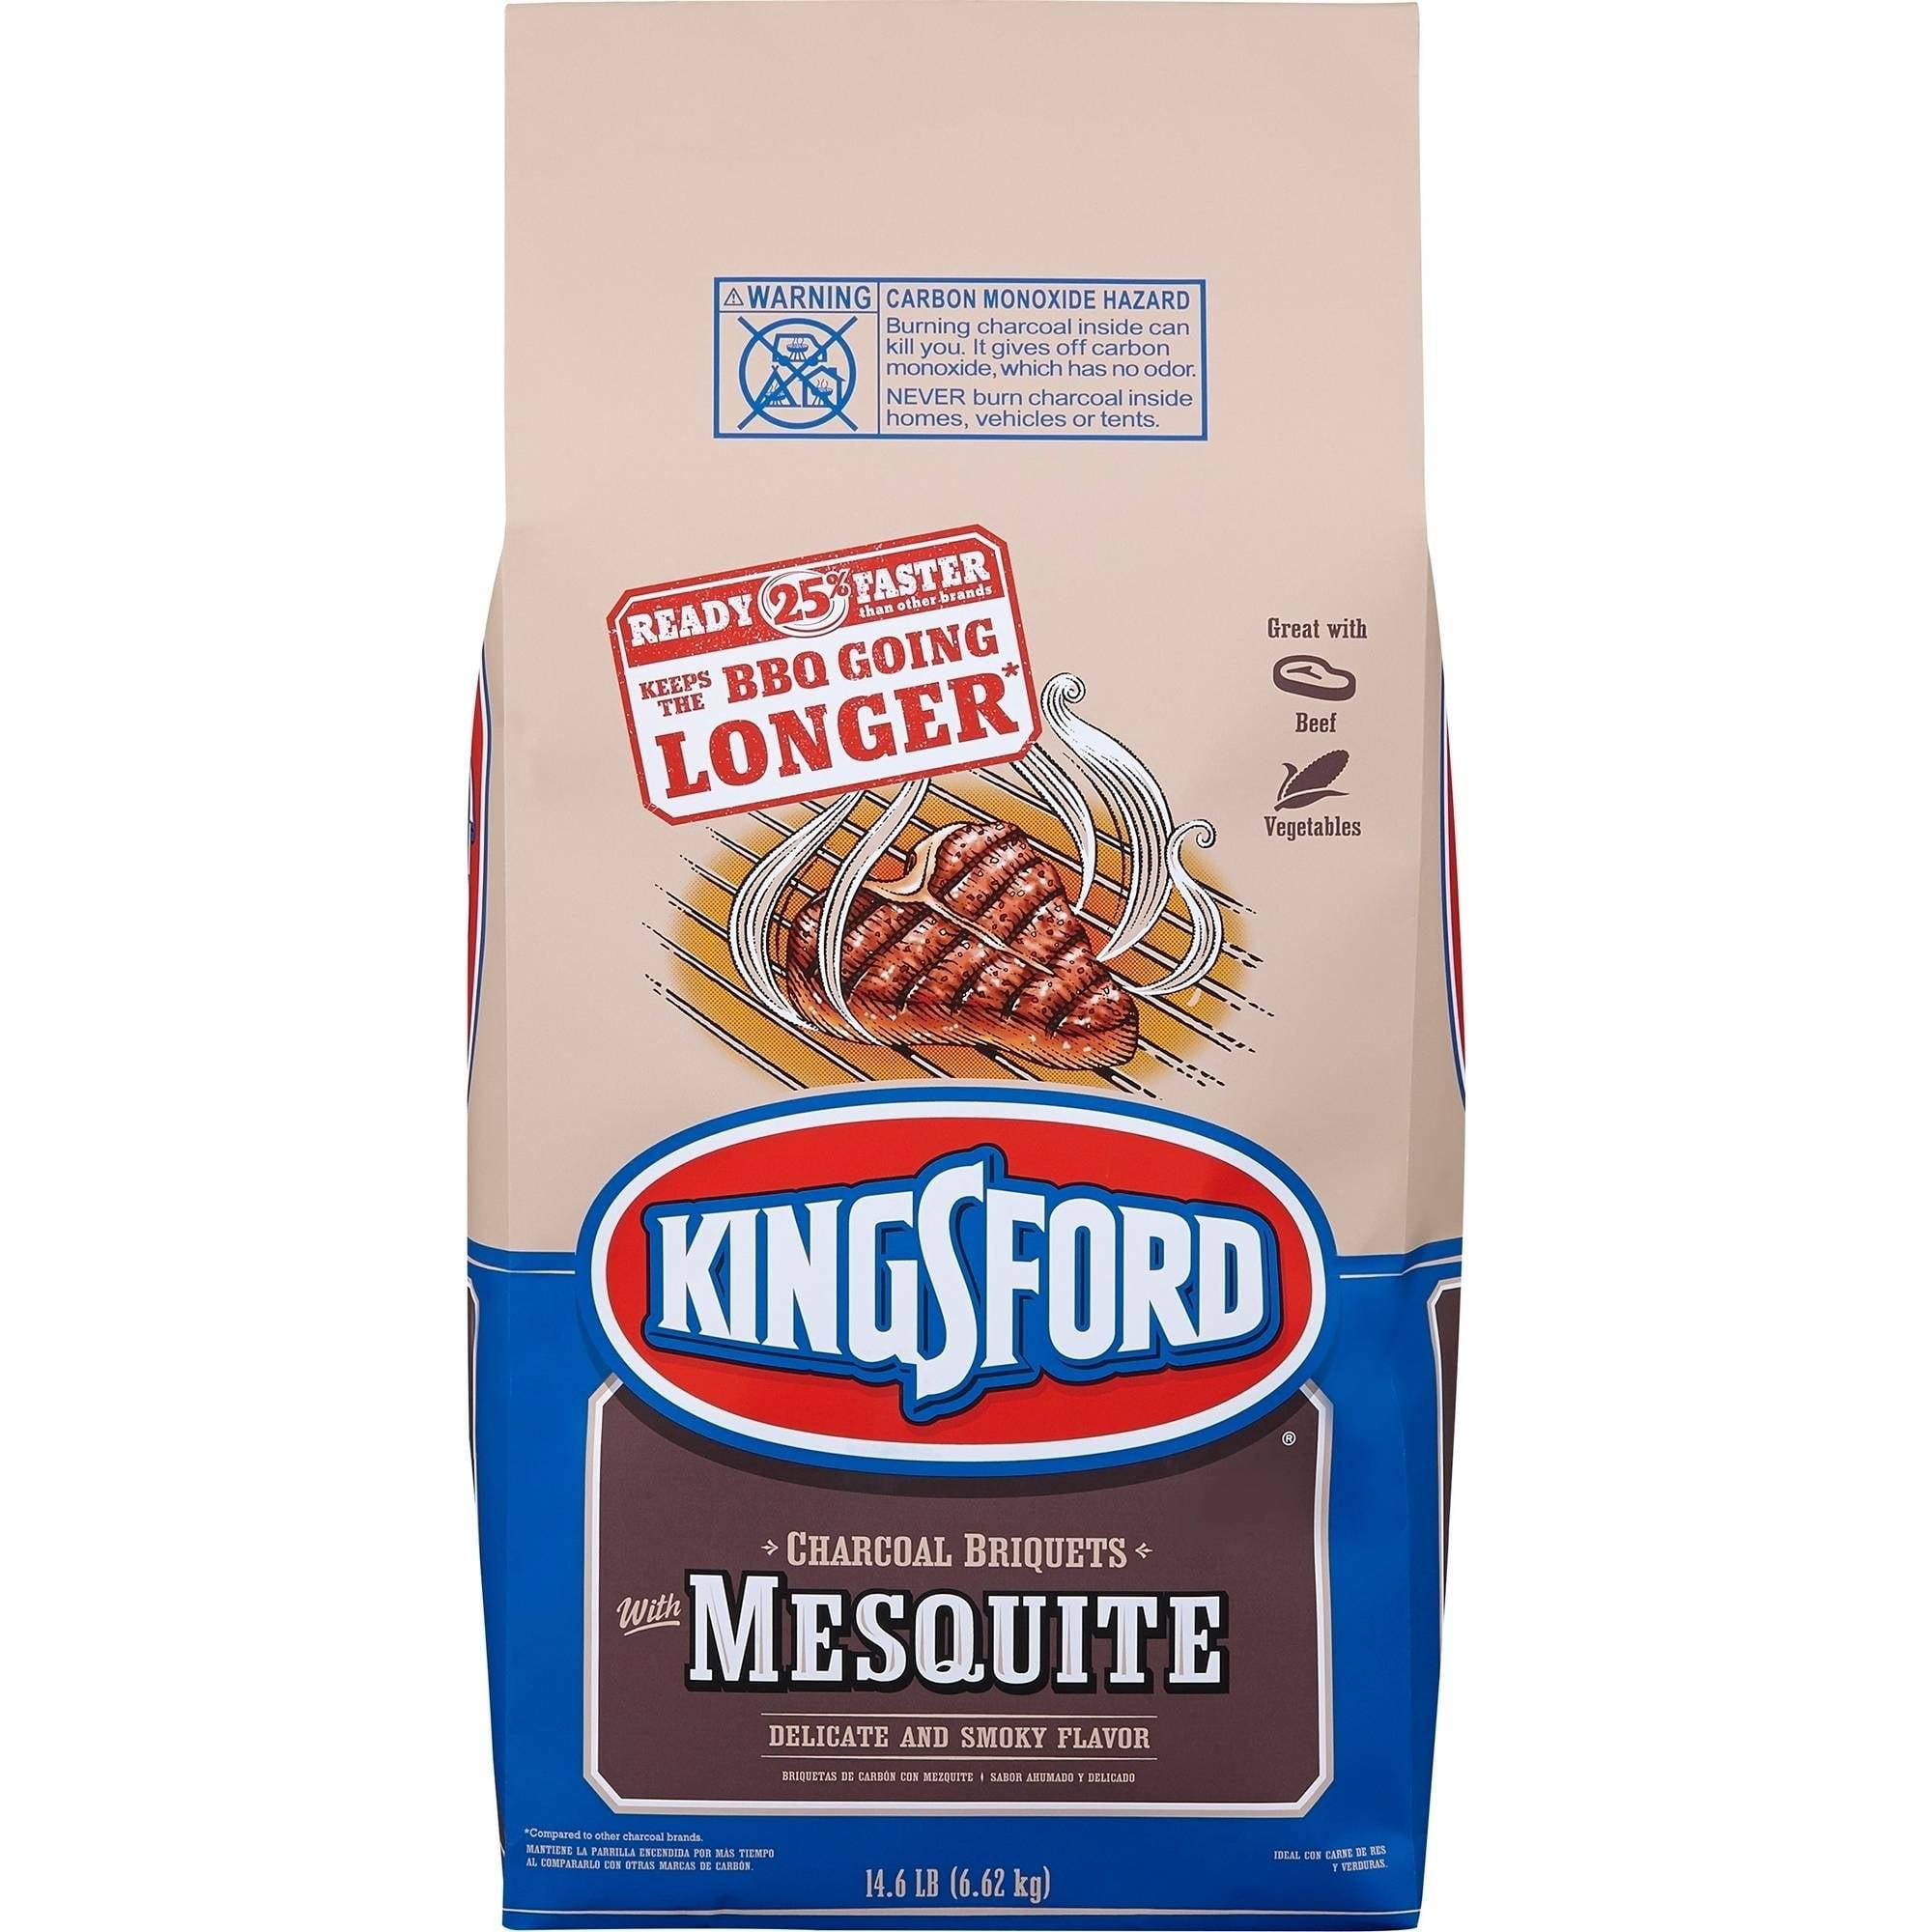 Kingsford Charcoal Briquets, Mesquite, 14.6 lb Bag